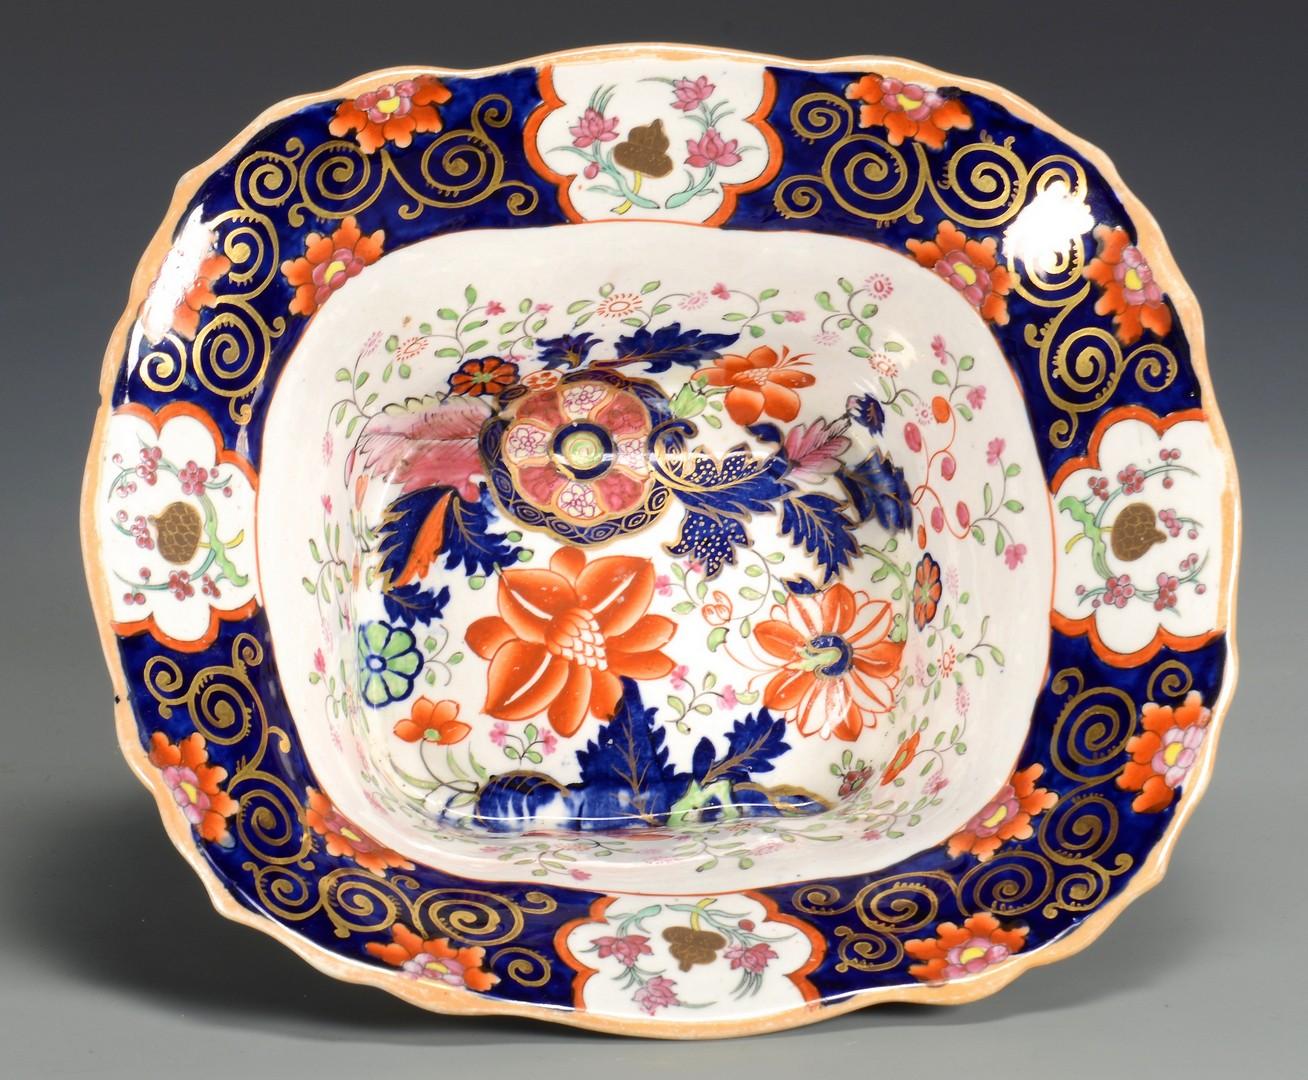 Lot 467: Mason's Ironstone, Imari pattern, 47 pcs